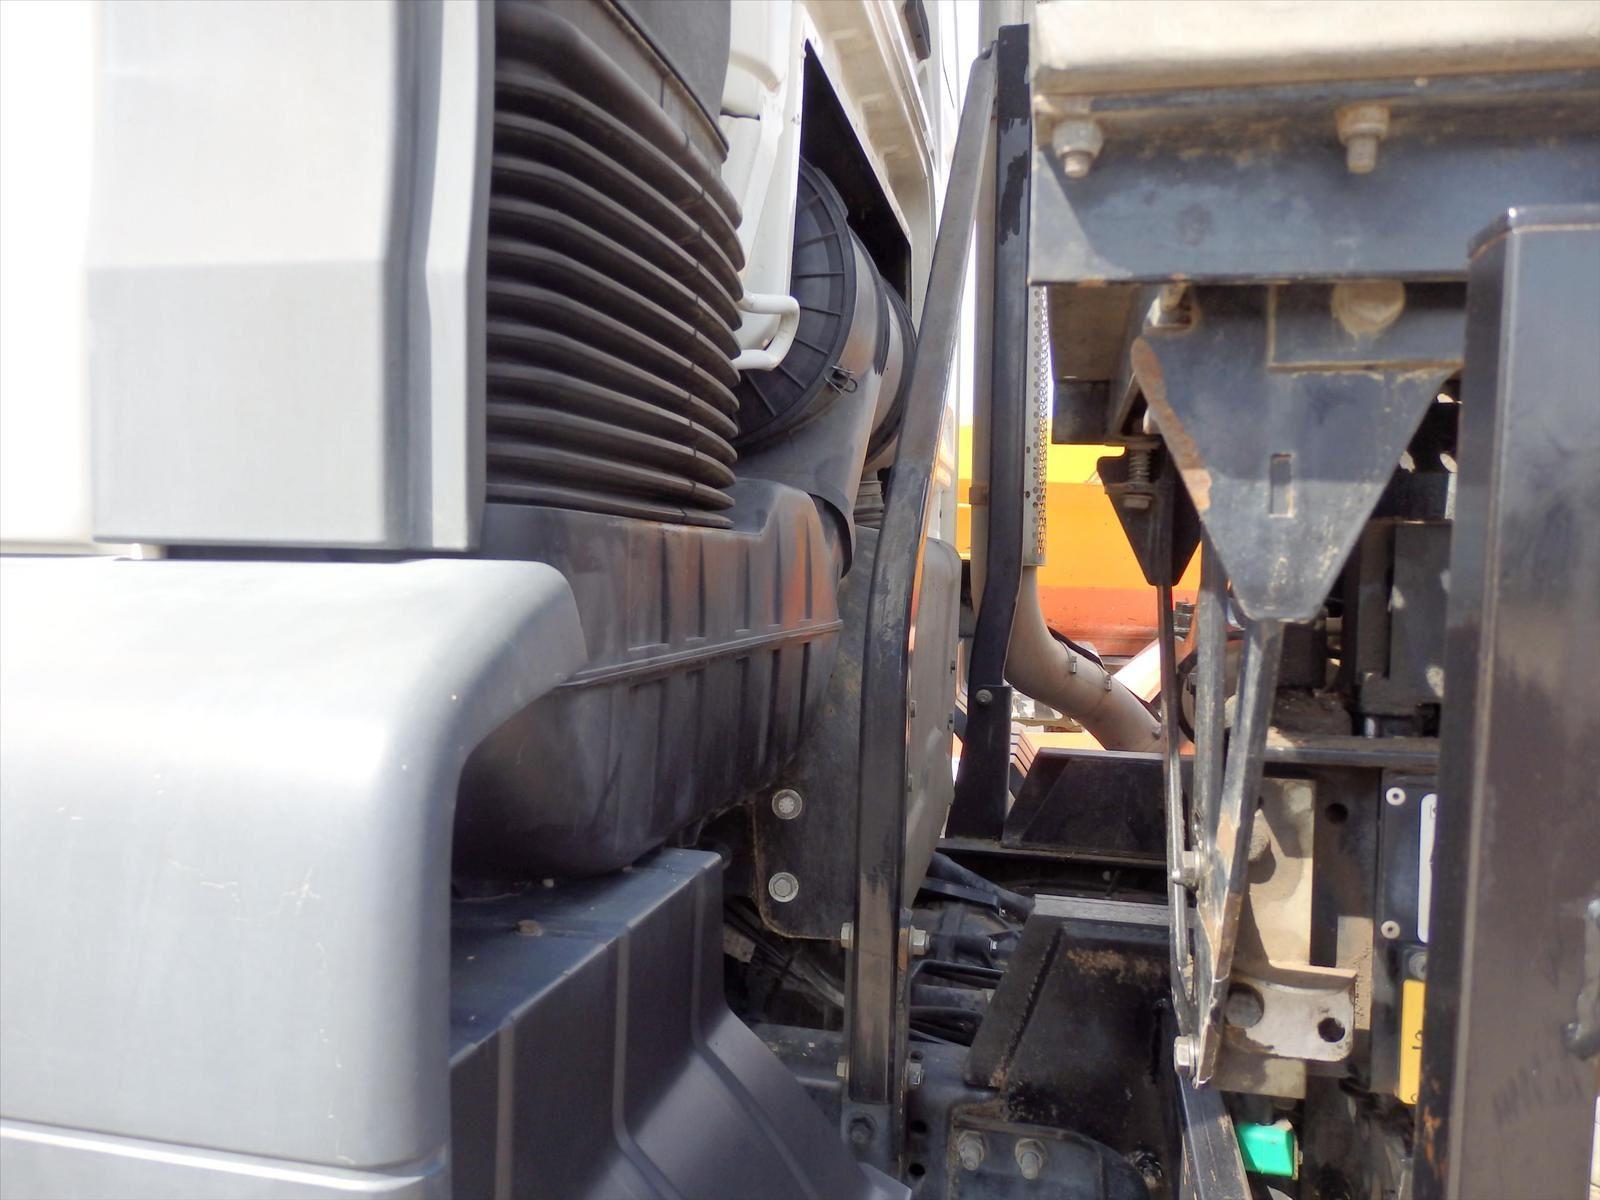 Camion MAN TGA 18.310 BiBenne Grue 19t - 44t ; Pierre BASSAT TRANSCOMM13 Tel: 0608066192